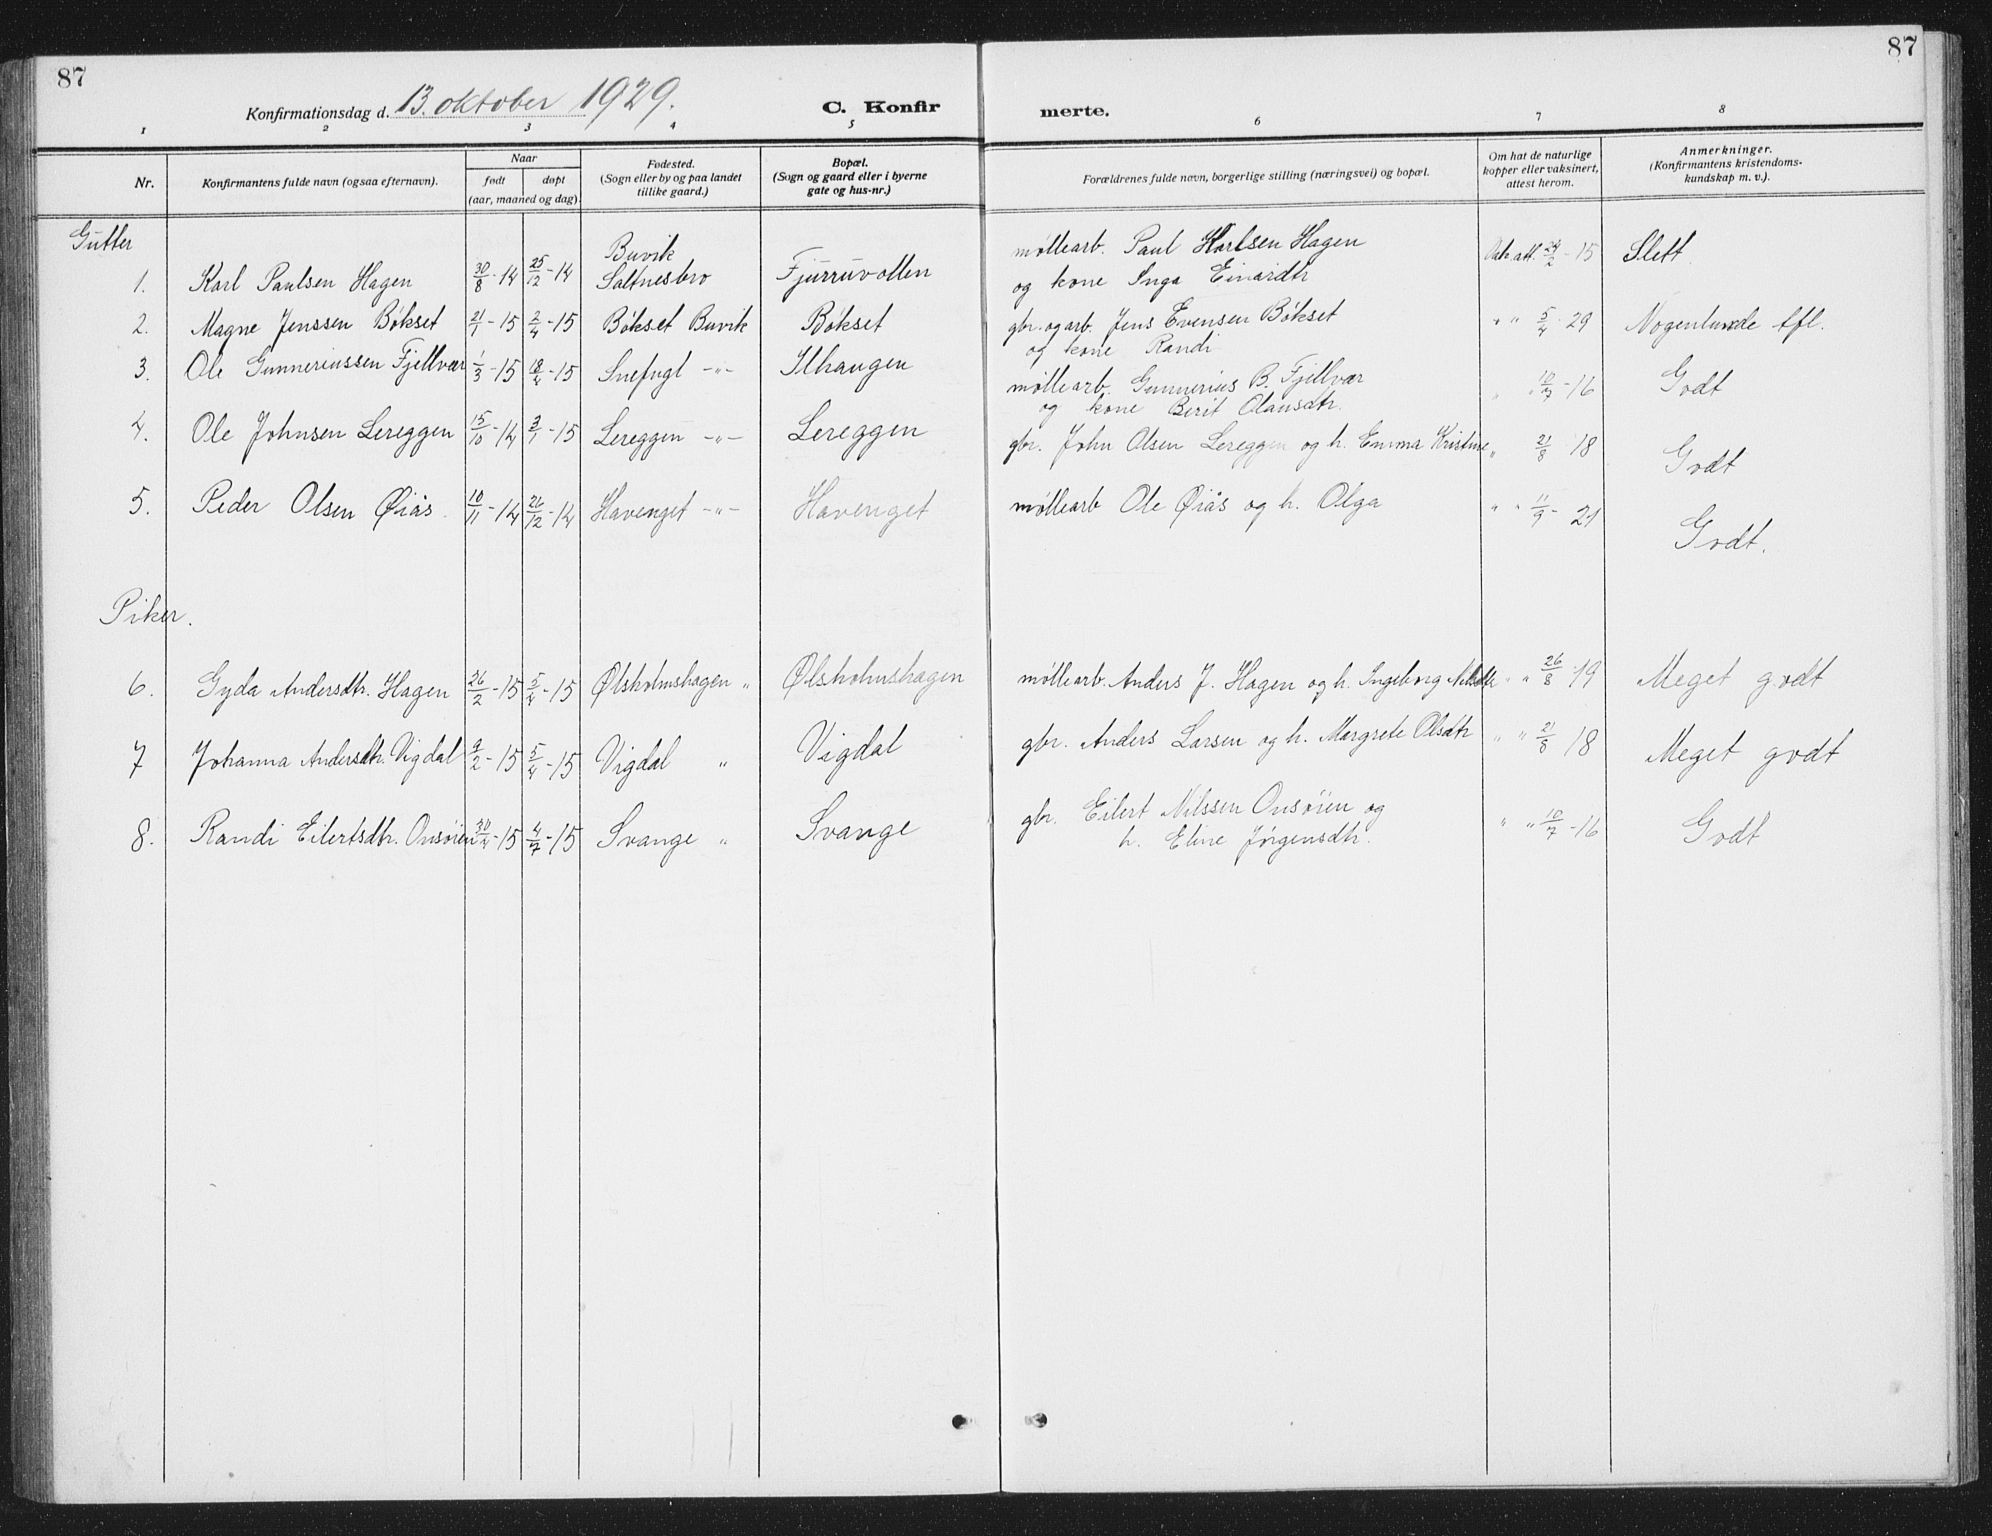 SAT, Ministerialprotokoller, klokkerbøker og fødselsregistre - Sør-Trøndelag, 666/L0791: Klokkerbok nr. 666C04, 1909-1939, s. 87